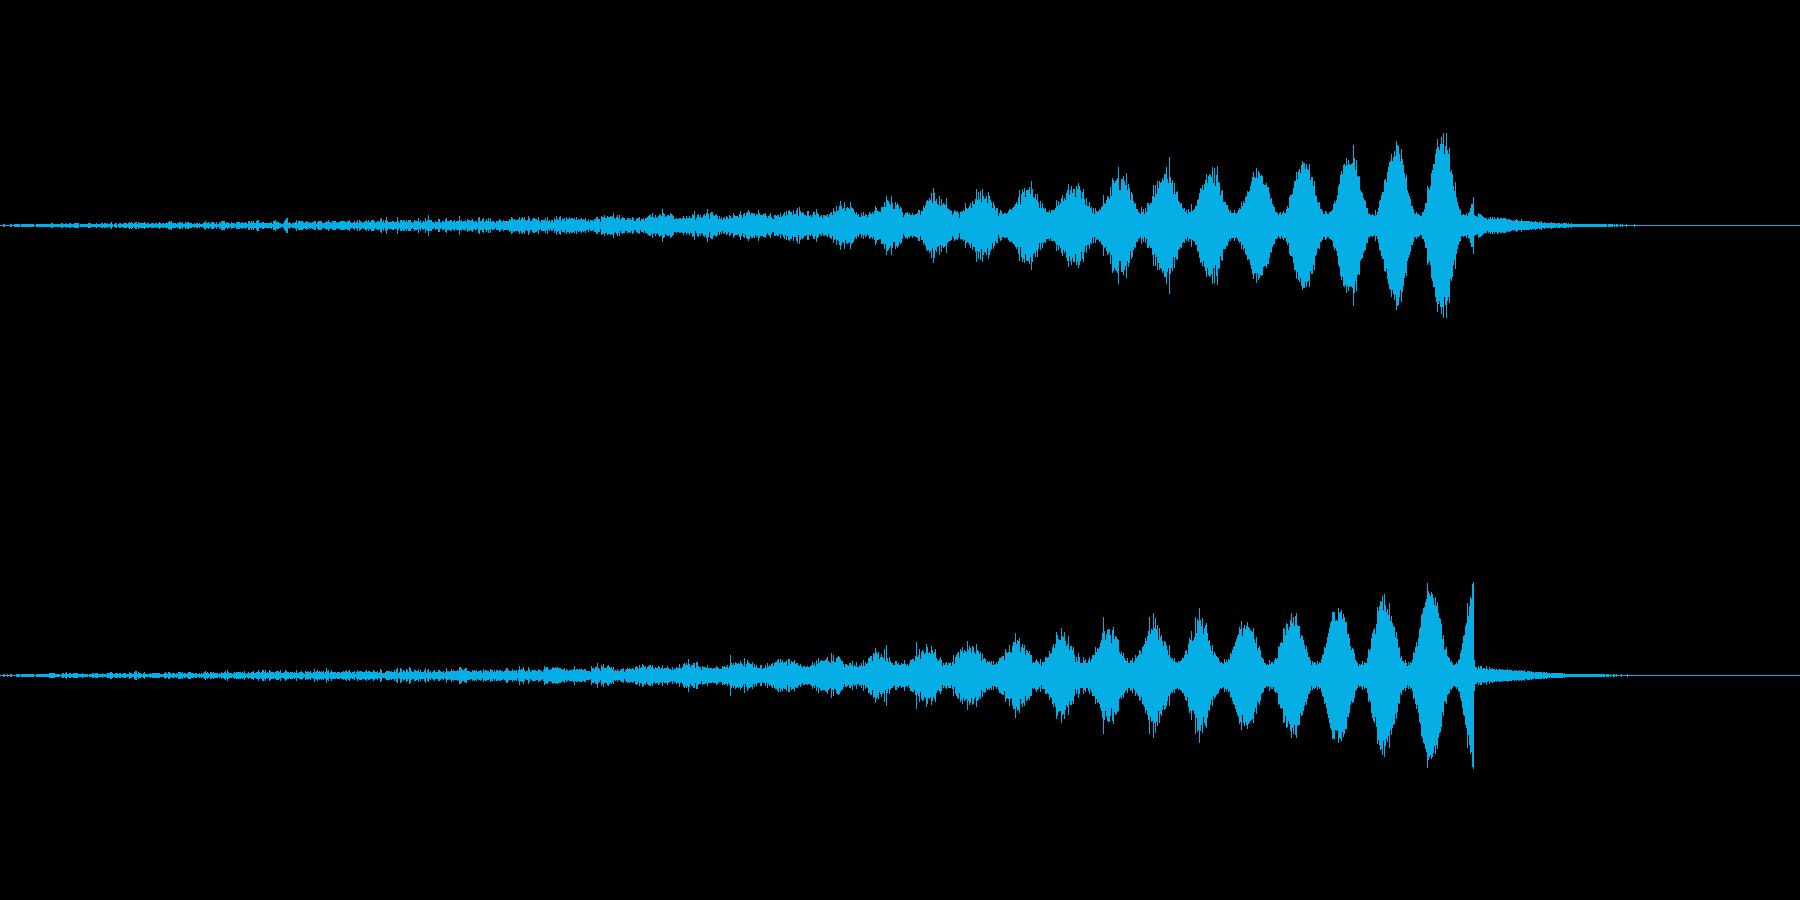 シュ〜(EDMなんかでよく聞く上昇音)の再生済みの波形